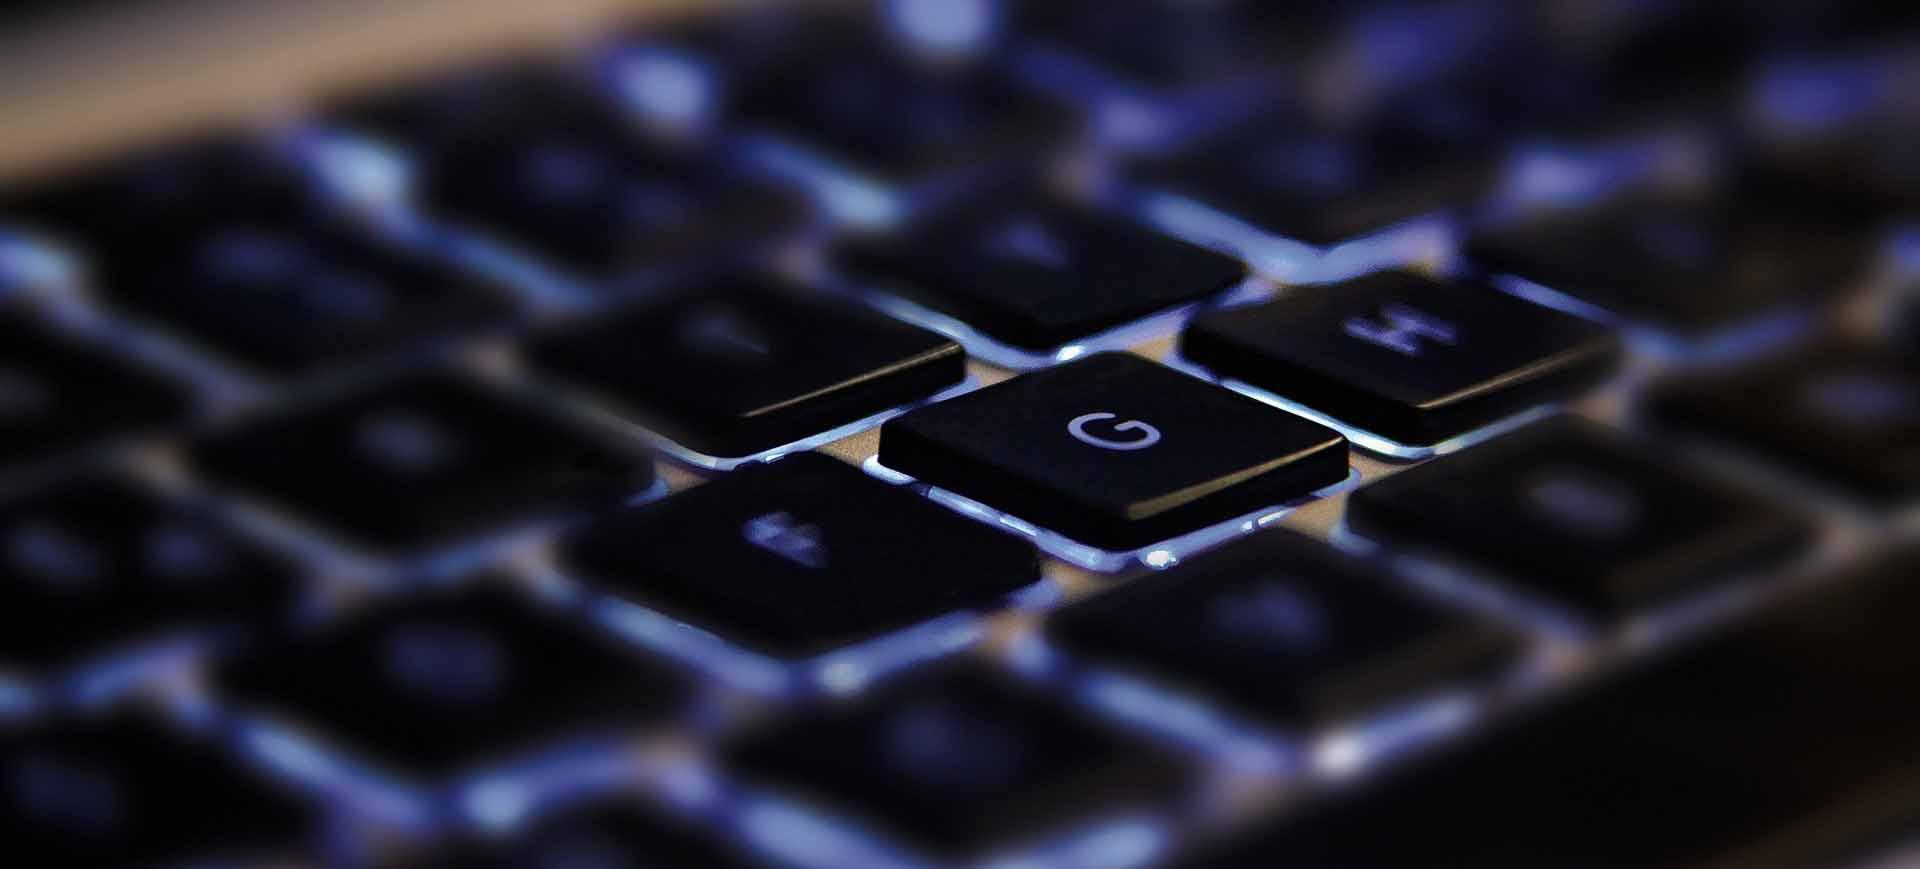 atajos de teclado por pc campos